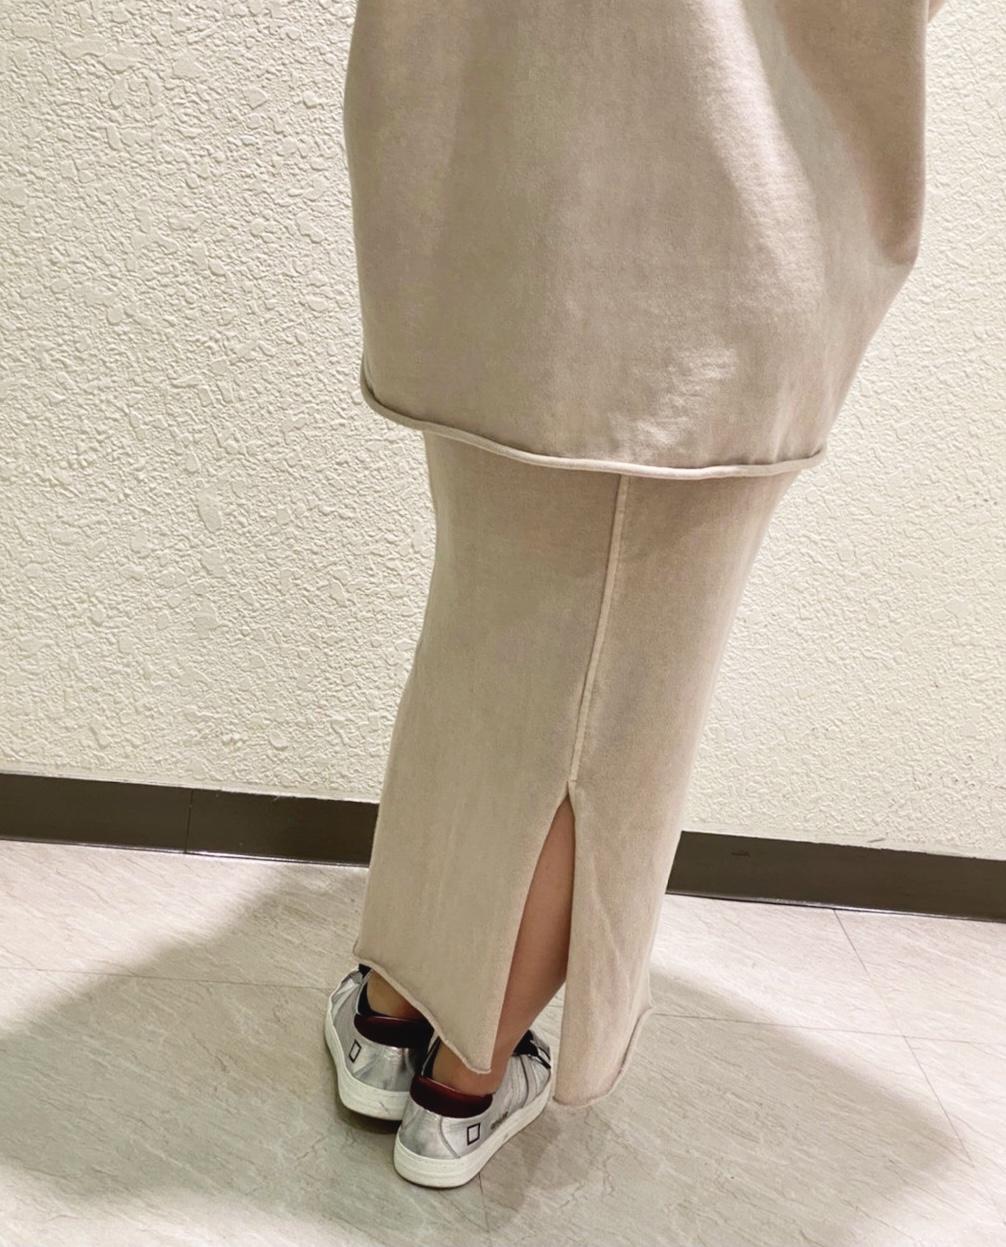 Scrap Book スクラップブック 横浜 LUMINE ルミネ横浜 セットアップ可能 可愛い ベージュ ブラック 切りっぱなし キーネック ペンシルスカート タイトスカート こなれ感 ヴィンテージ感 リュクス リラクシー